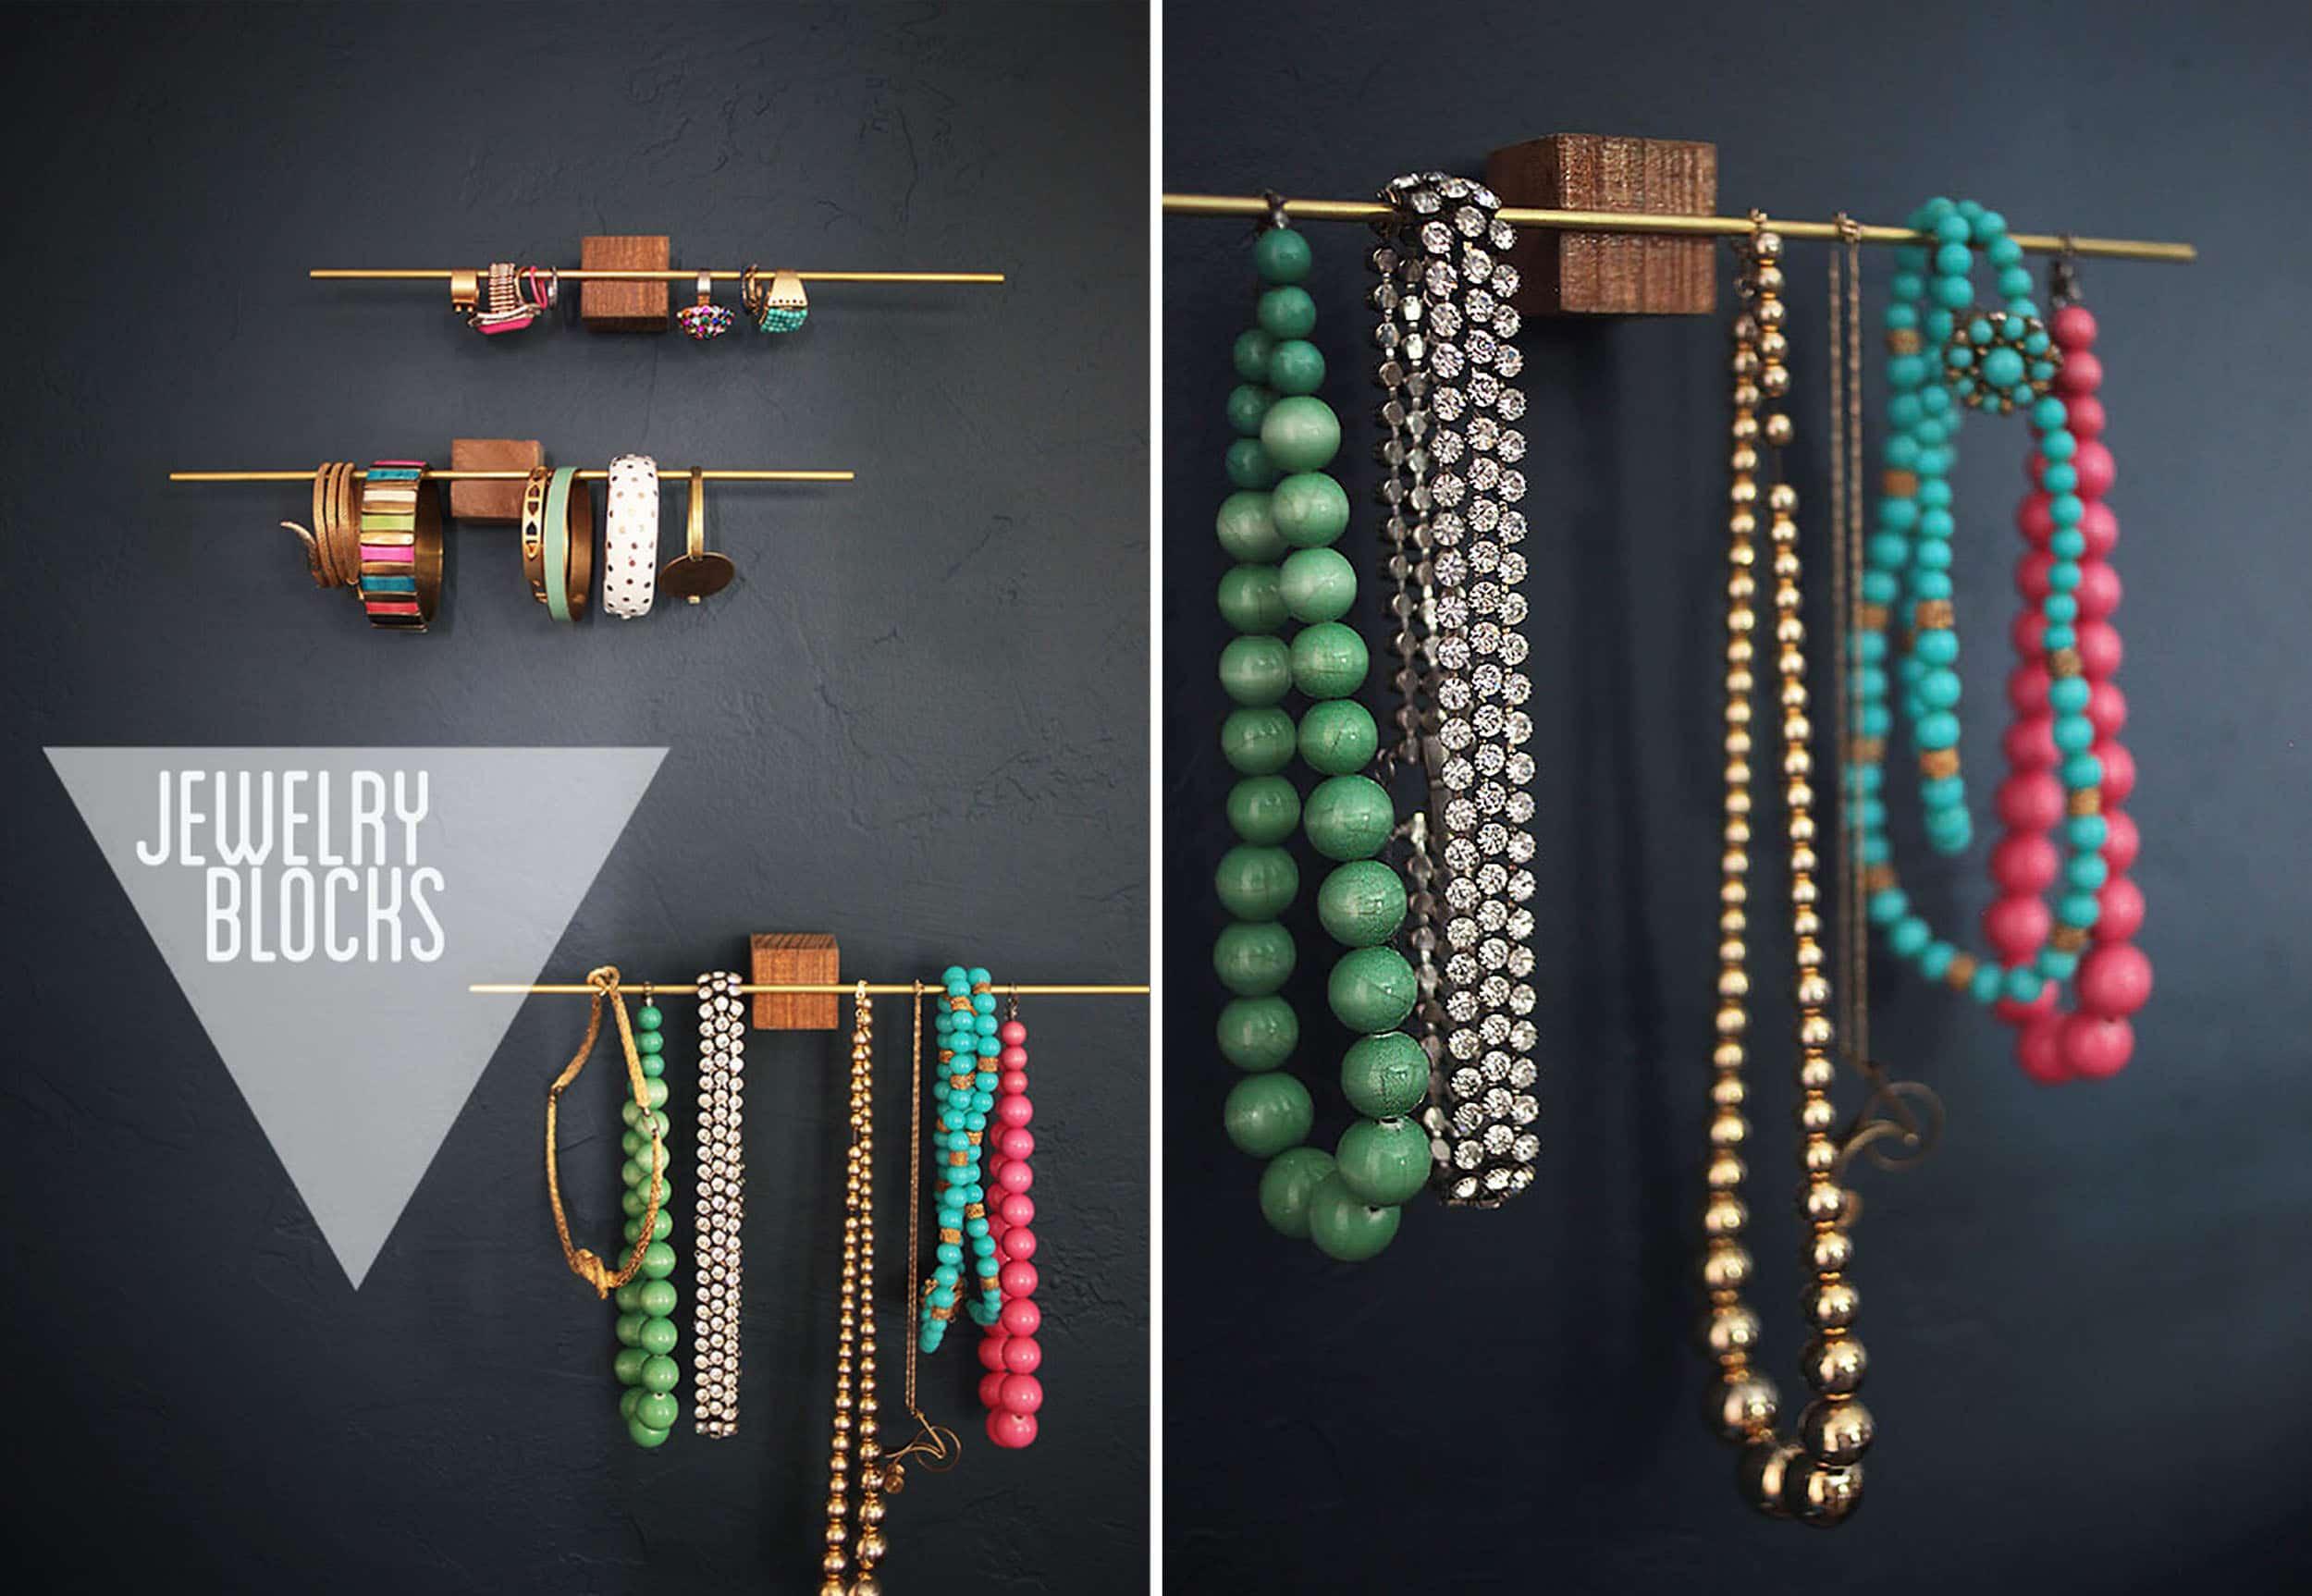 Emily Henderson Jewelry Block Side By Side